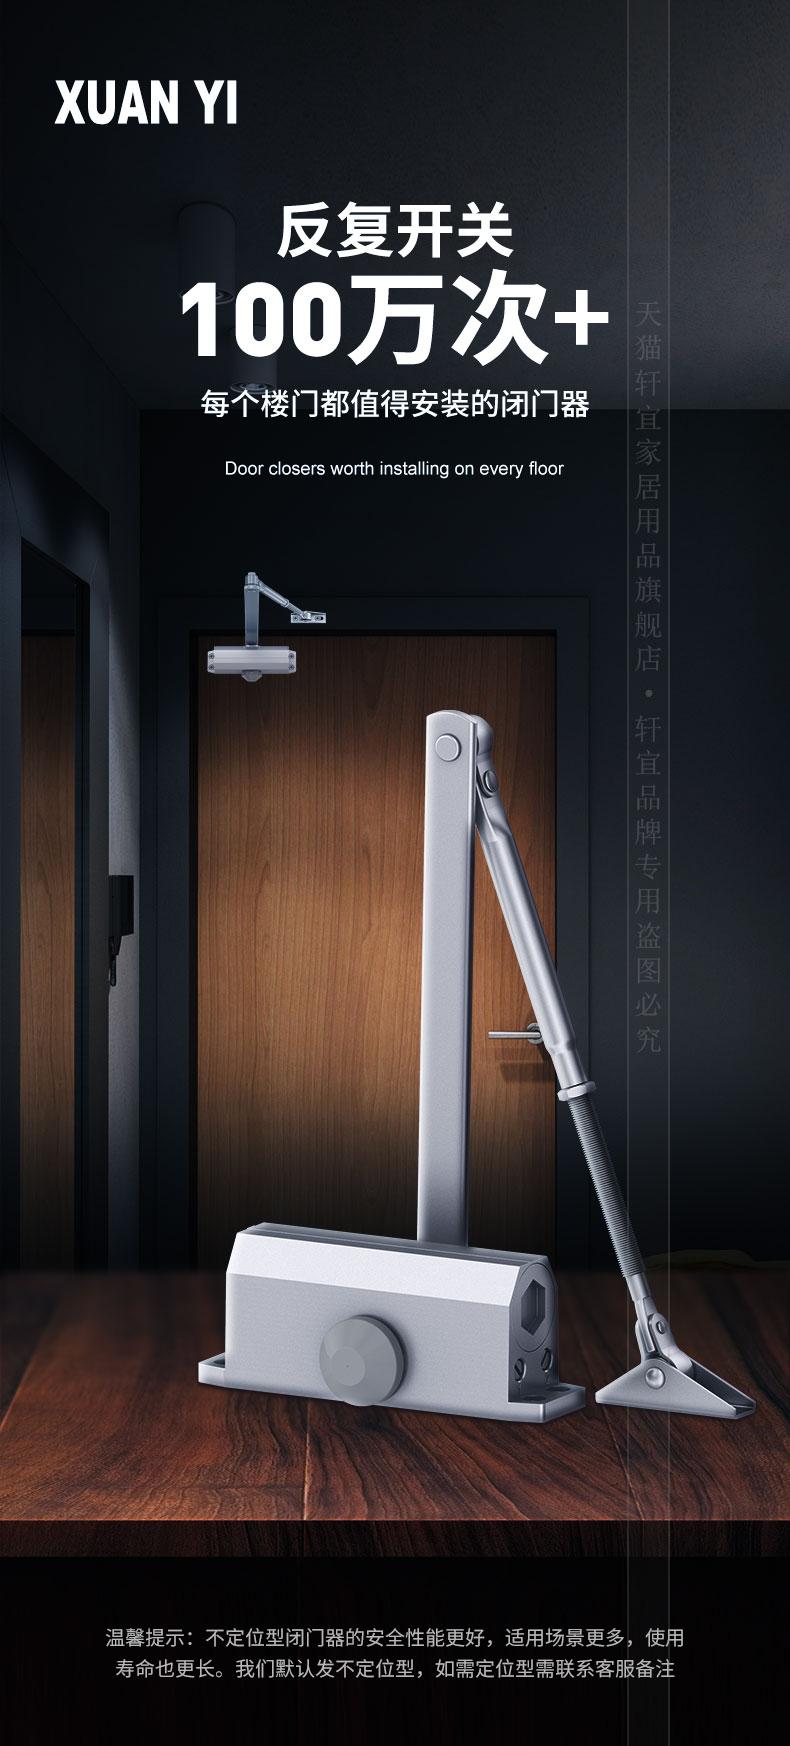 液压缓衝闭门器静音家用木门免打孔室外隐形防火铁门自动关门神器详细照片